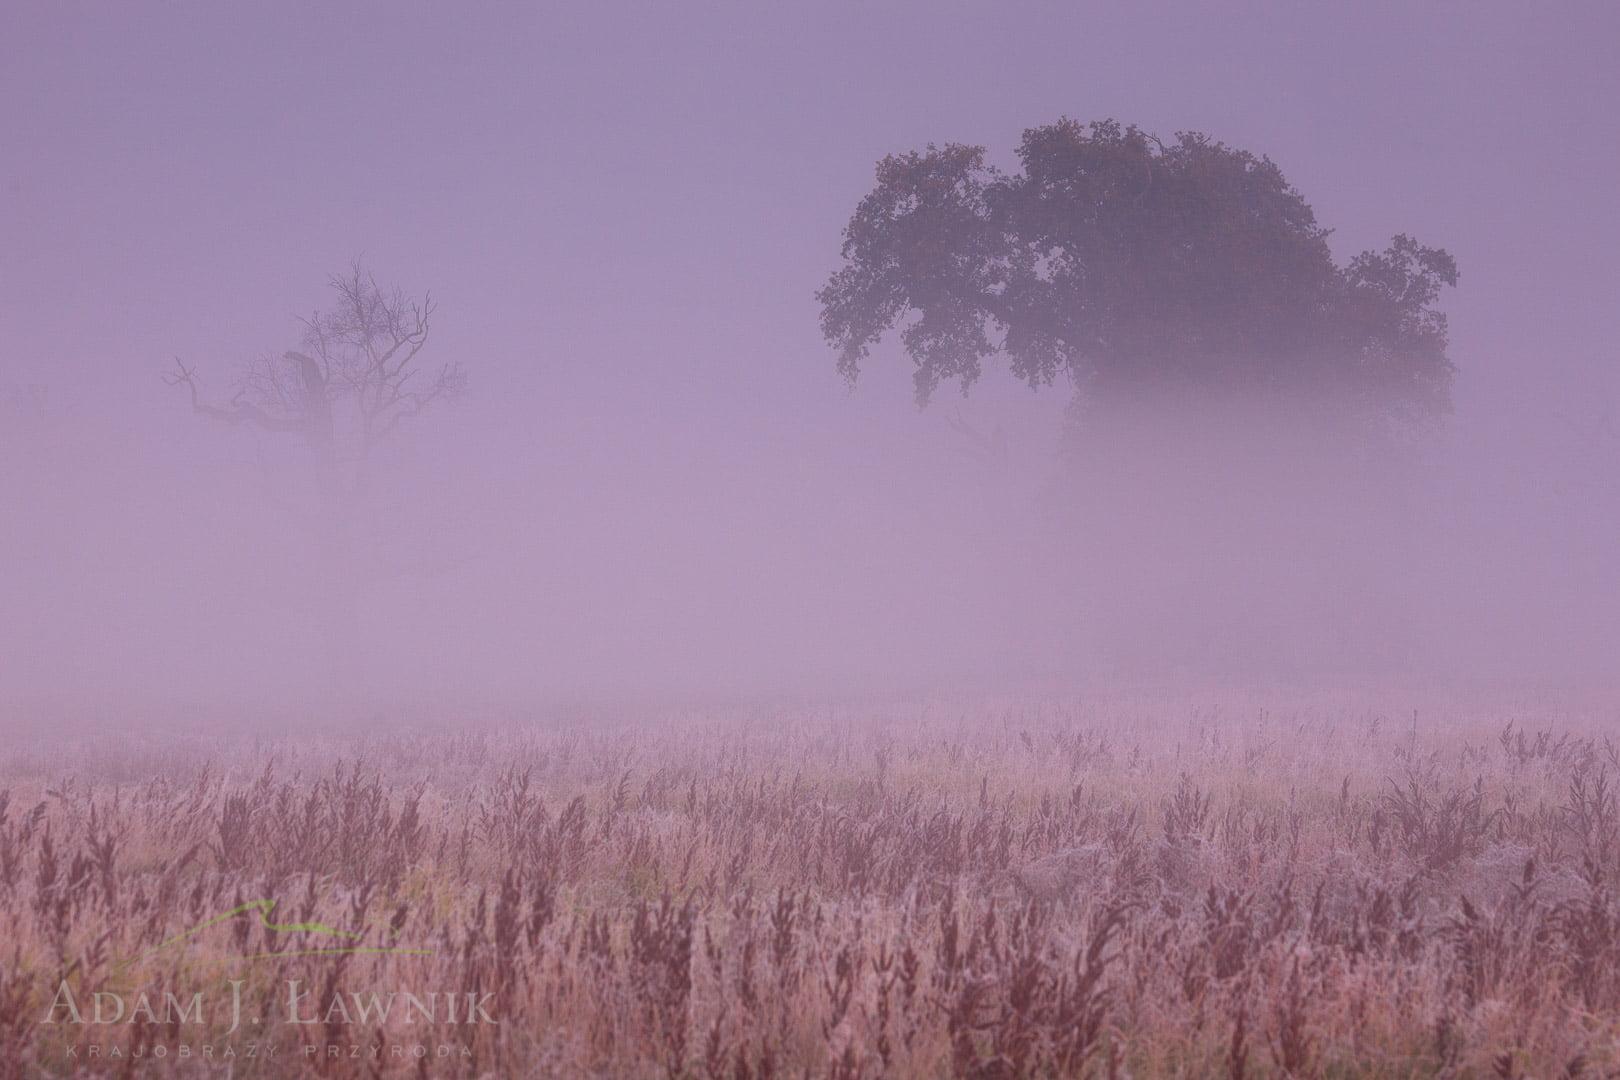 Rogalin Landscape Park, Poland 1110-02122C